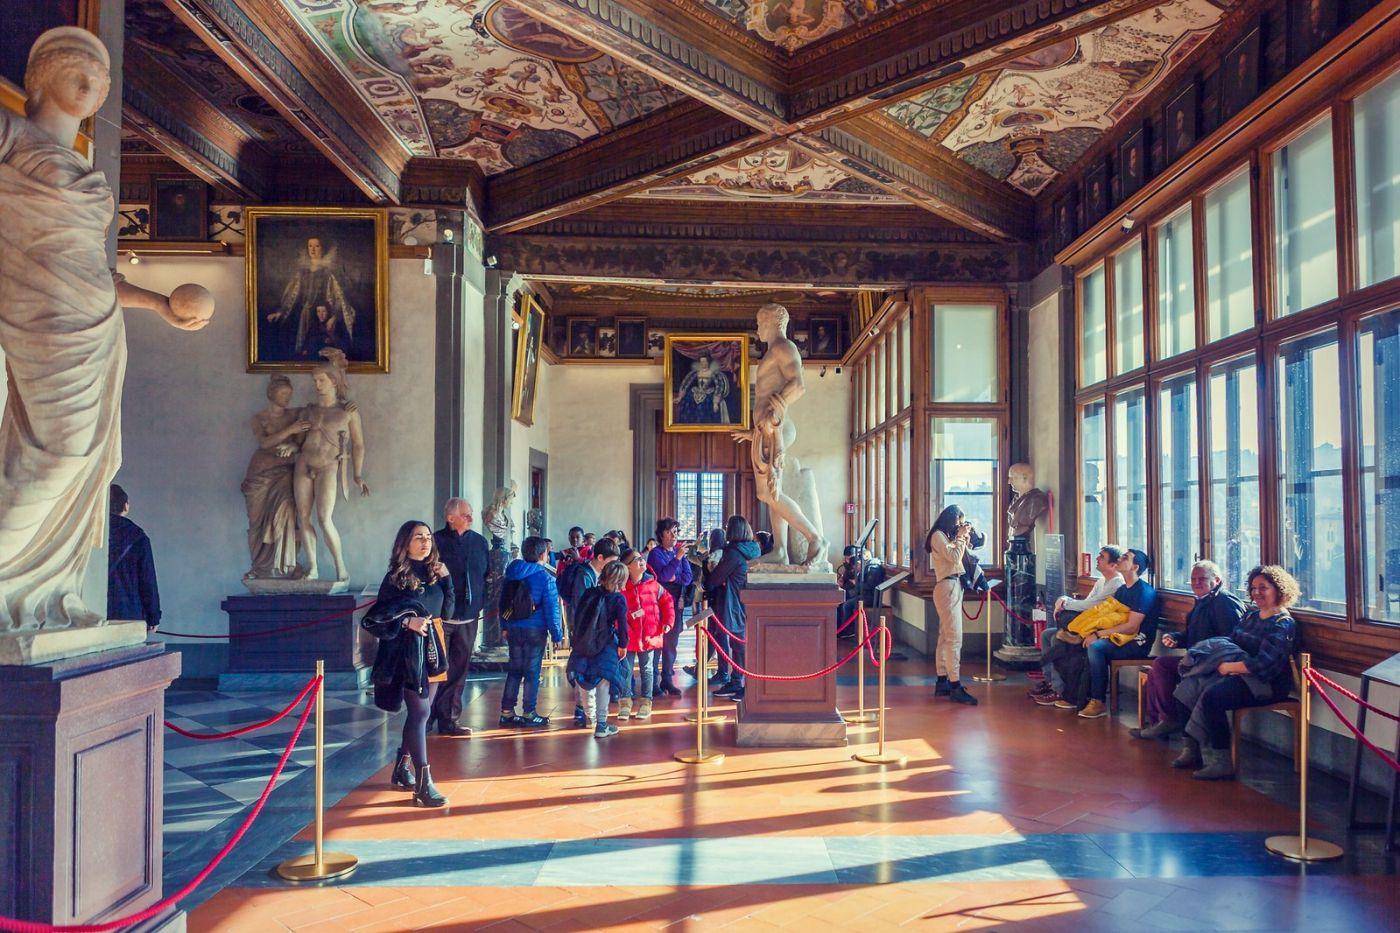 意大利佛罗伦斯乌菲兹美术馆, 进去看一看_图1-5